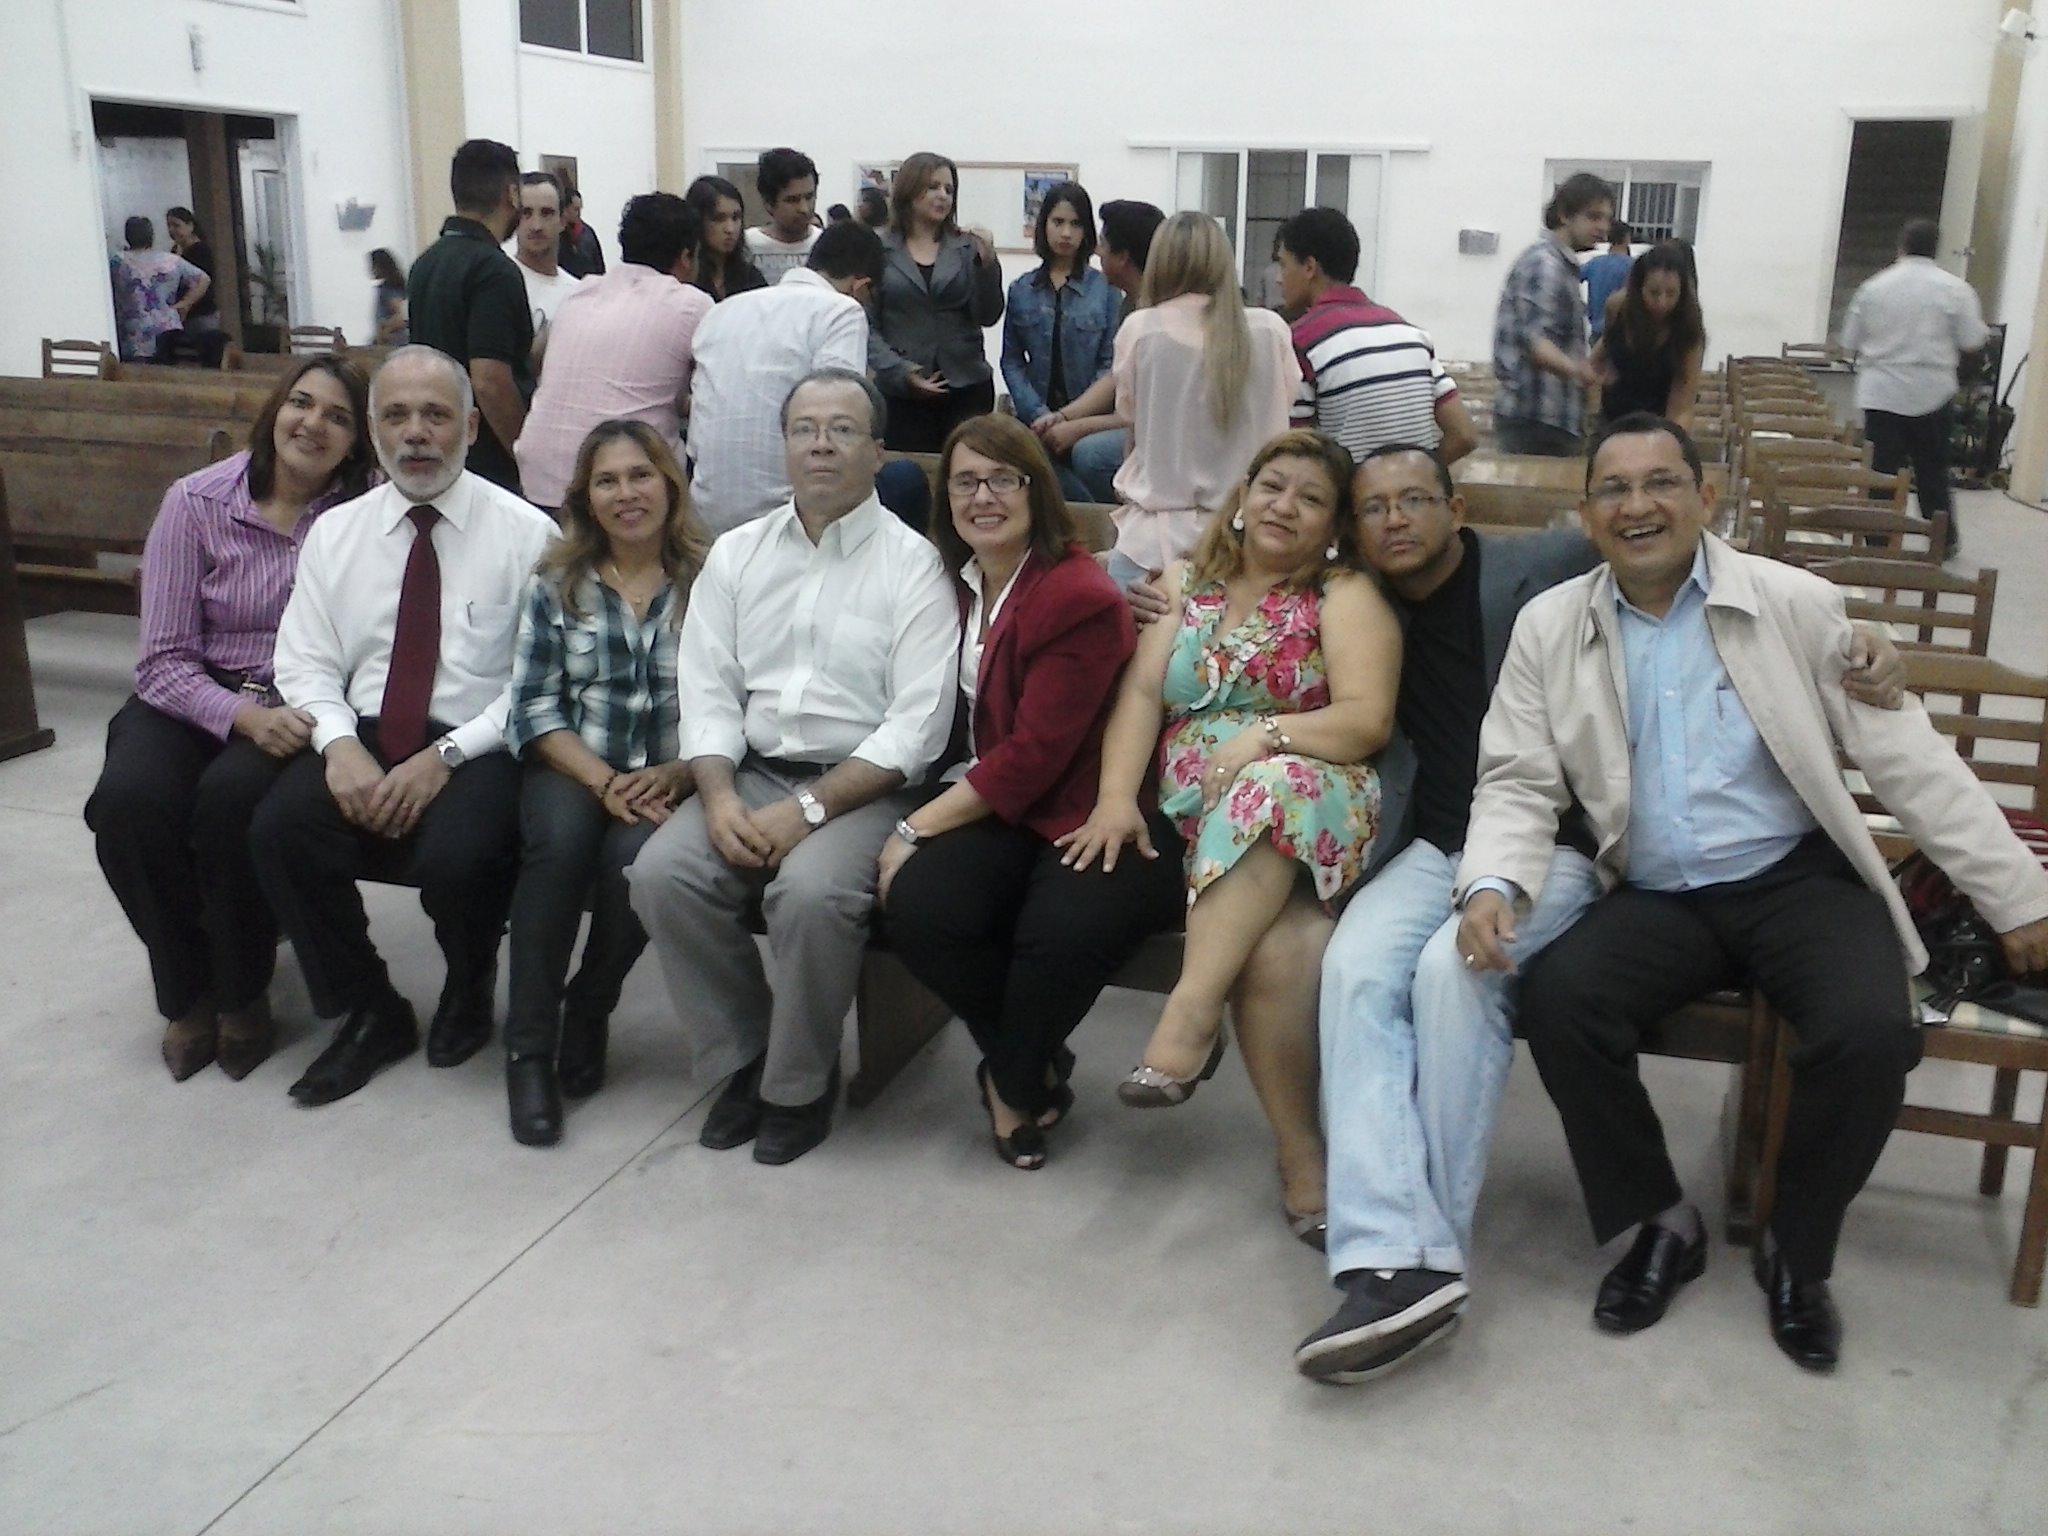 Testemunho na Igreja Nacional, em Valinhos/SP